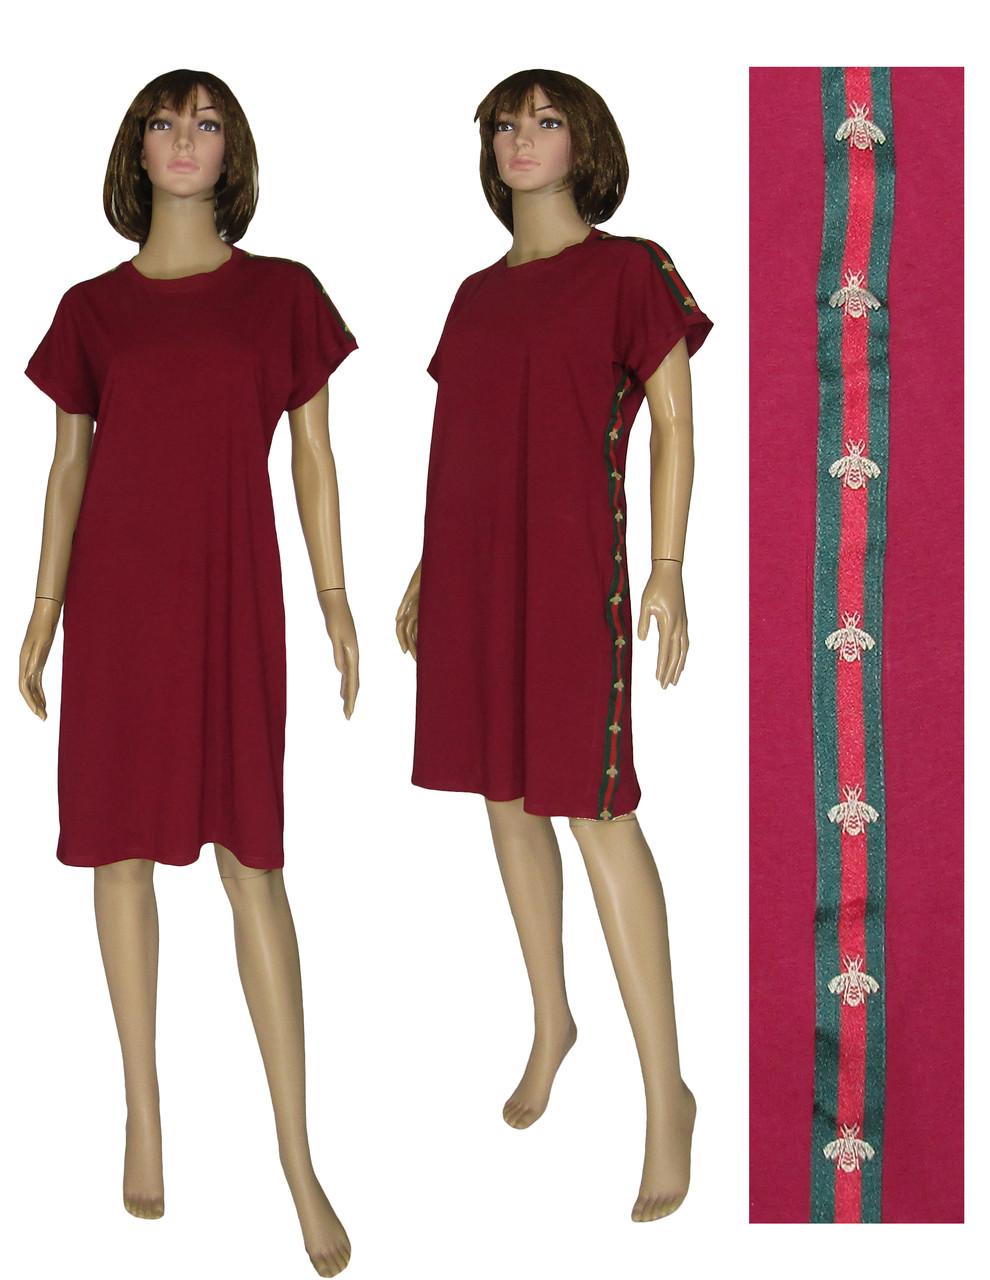 034afb018c1 Платье женское летнее трикотажное 19017 Gucci Bordo стрейч-коттон